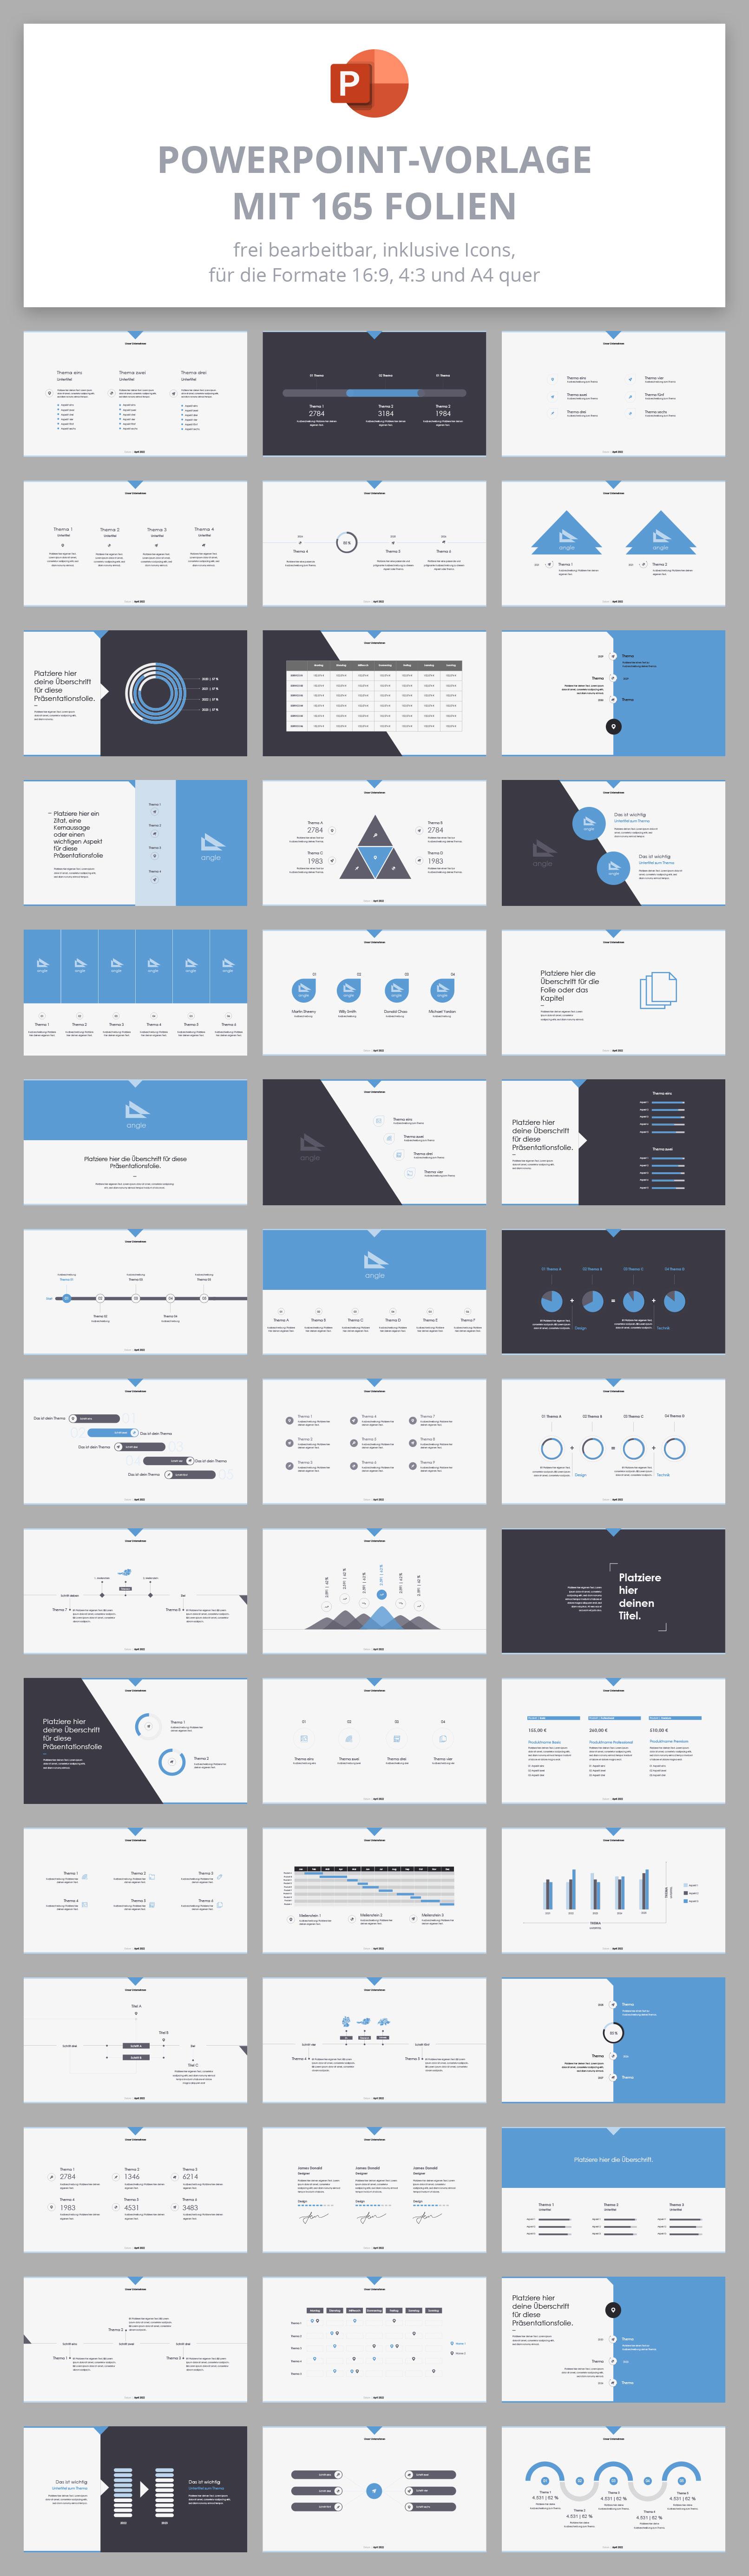 PowerPoint Folien-Vorlagen Angle, Vorschau auf die 165 Folien